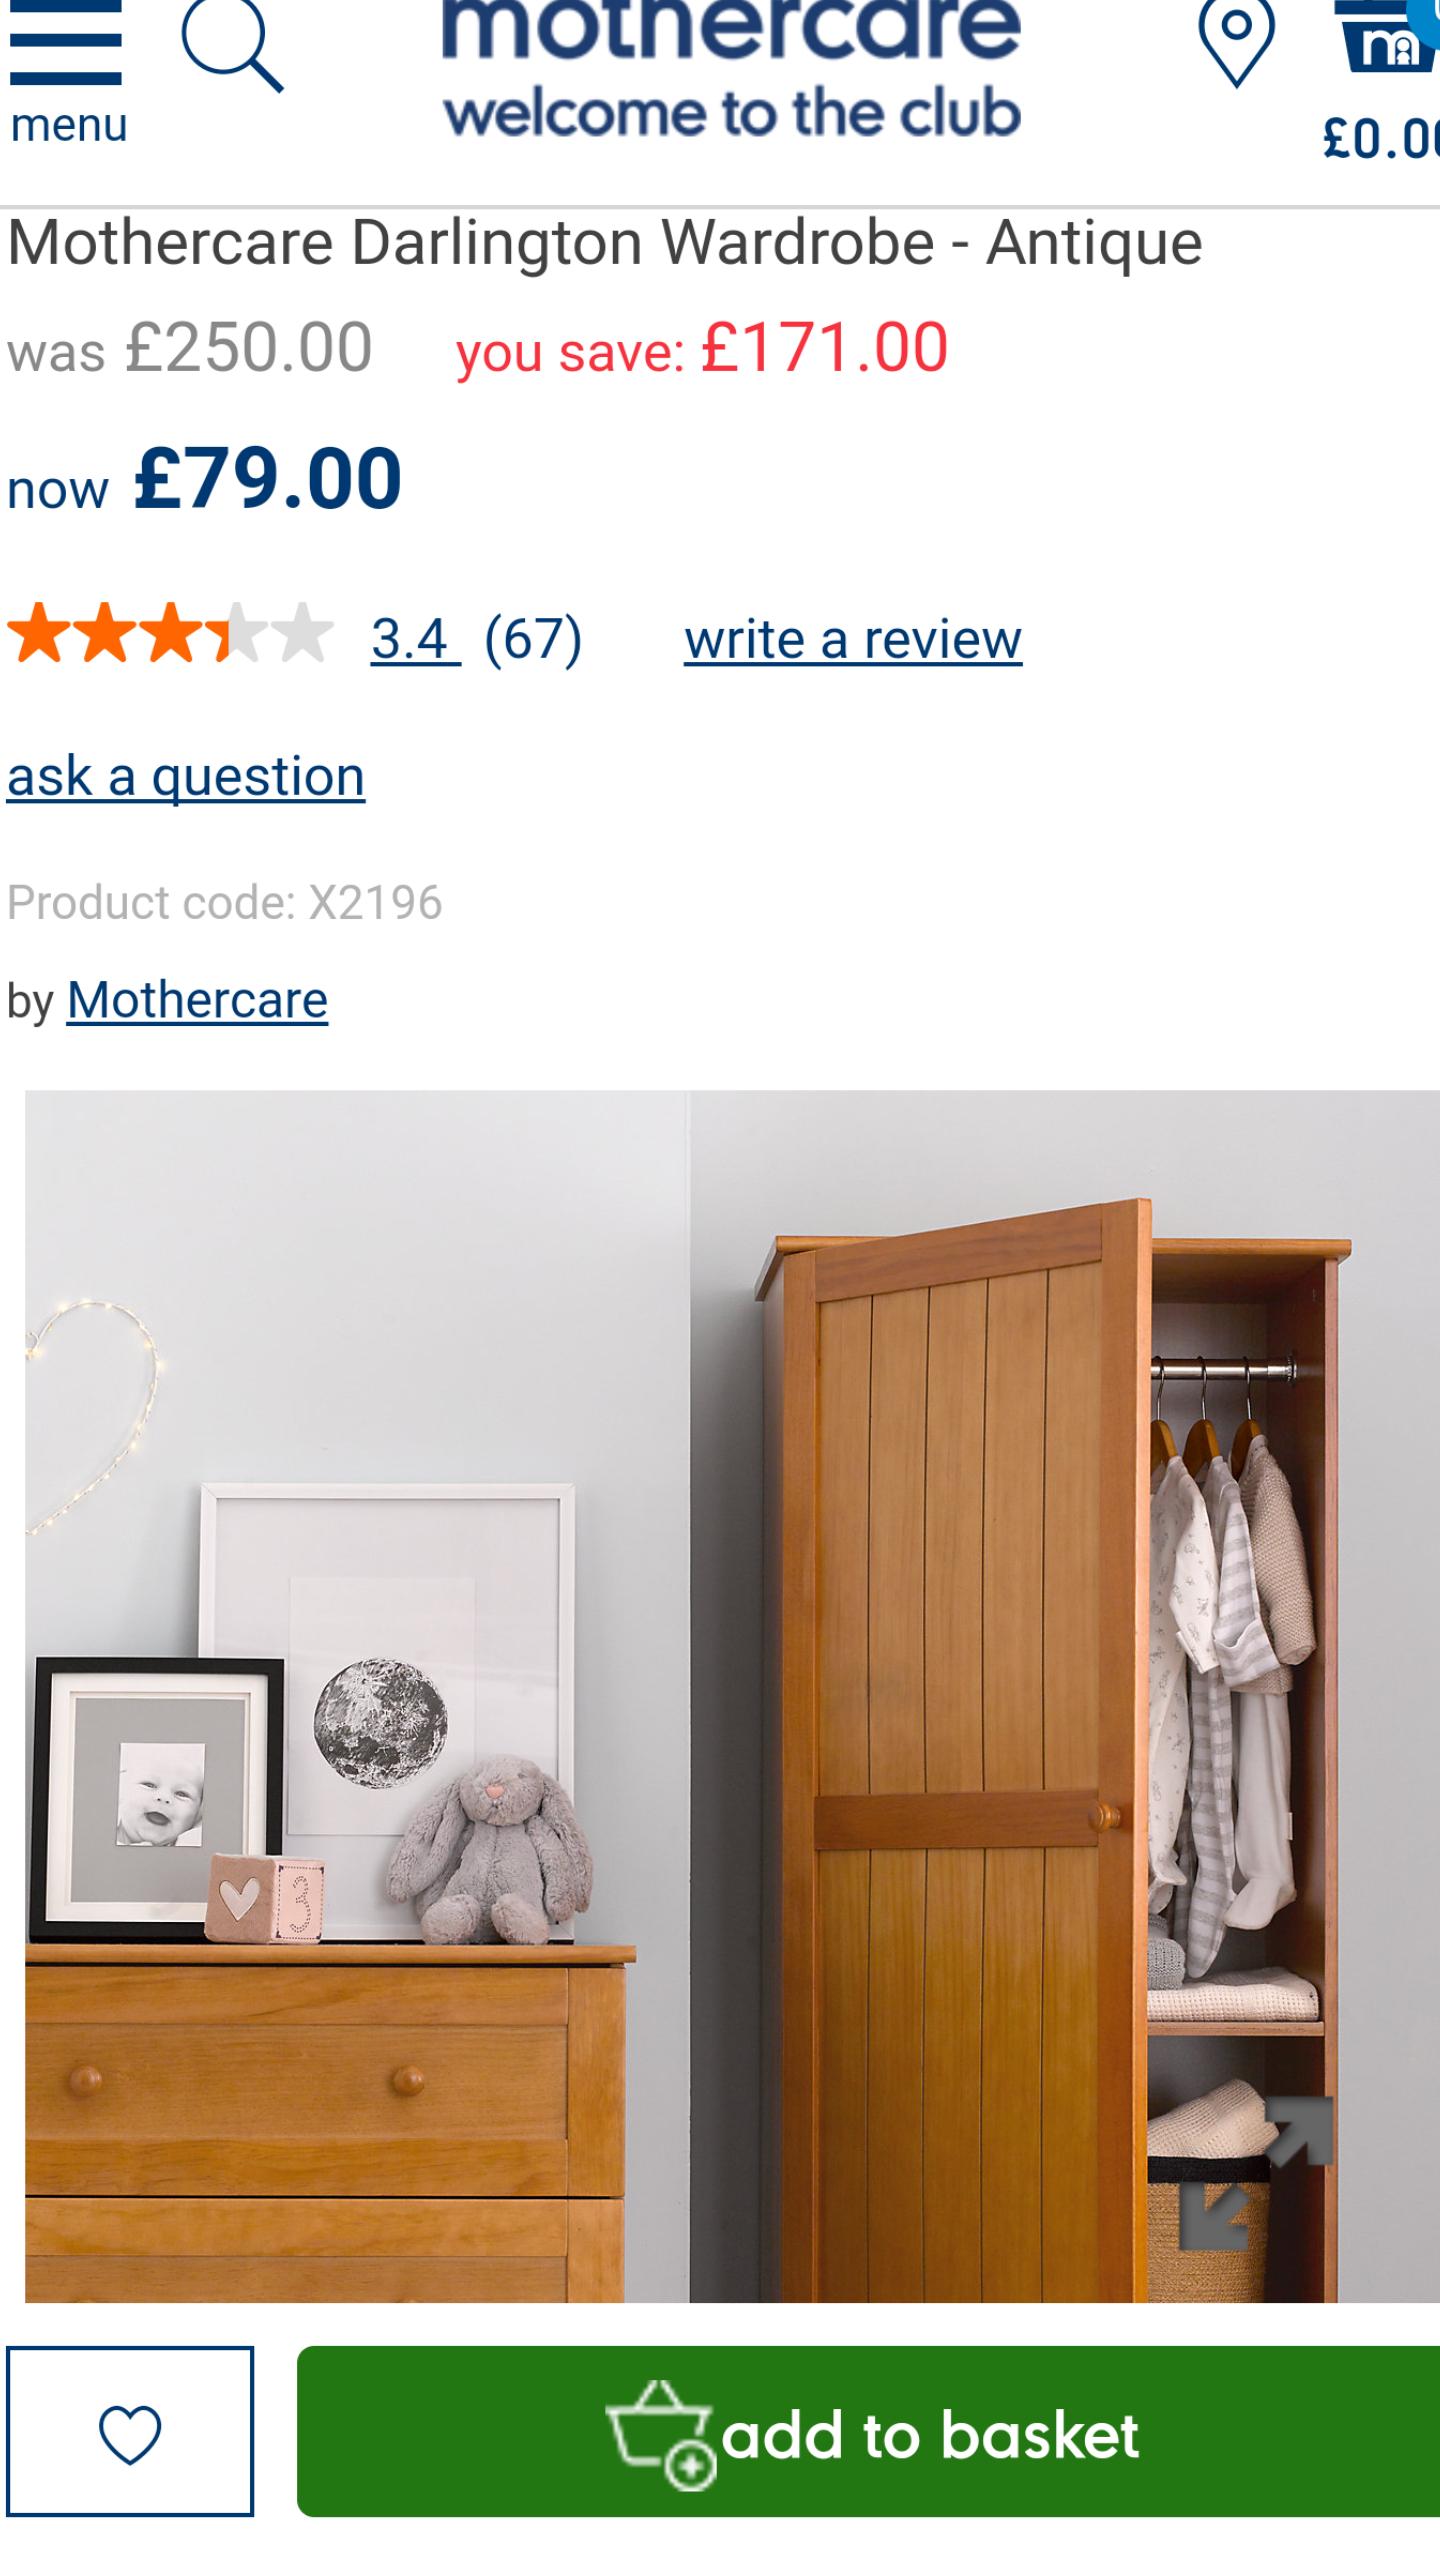 Mothercare Darlington Single Wardrobe - Antique £79.00 was £250.00